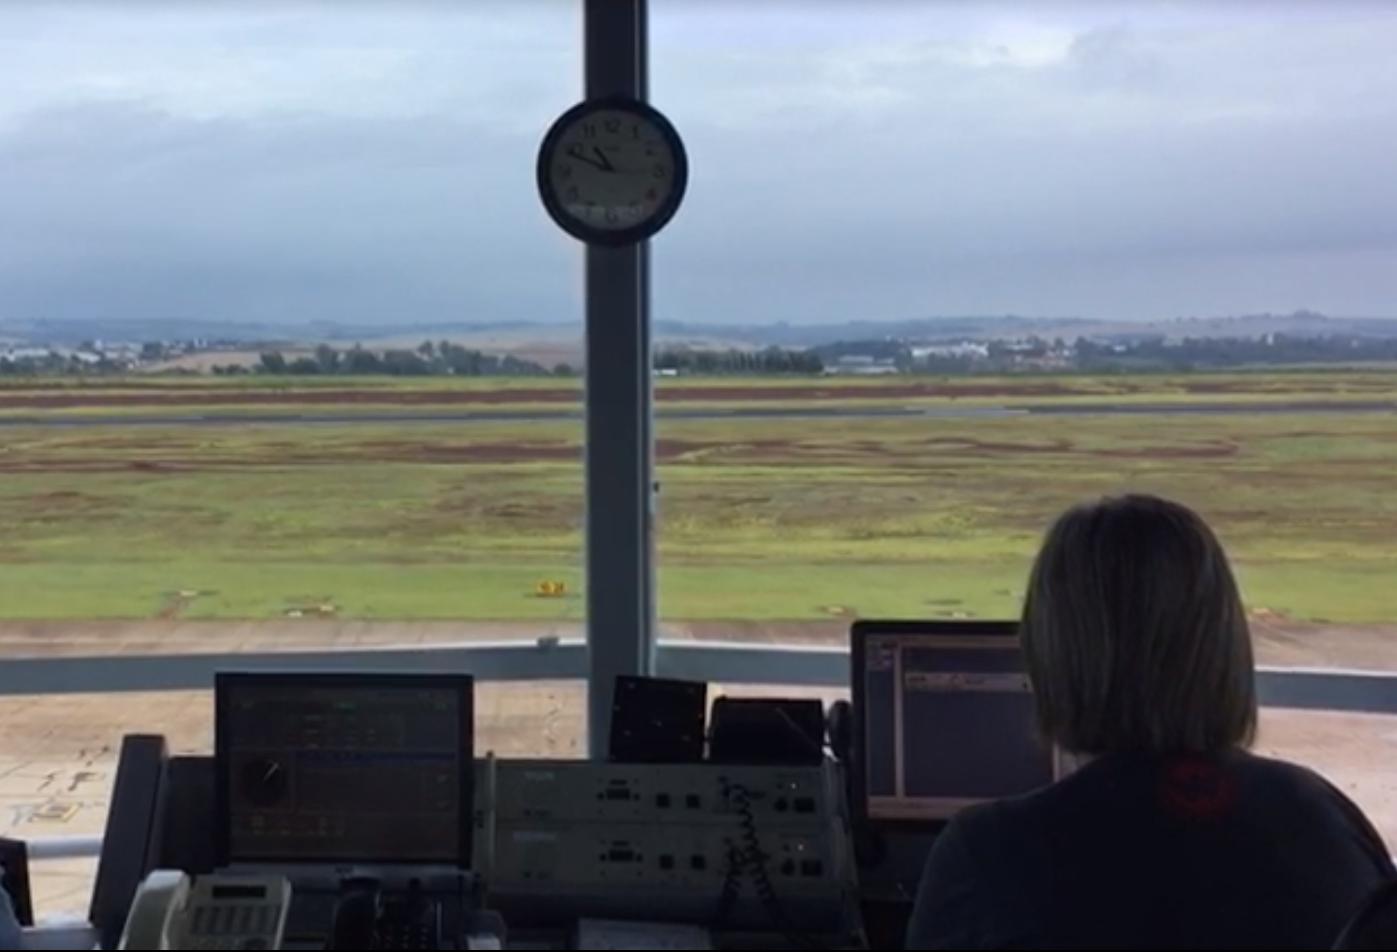 Desde o início deste mês, torre de controle voltou a funcionar 24h por dia